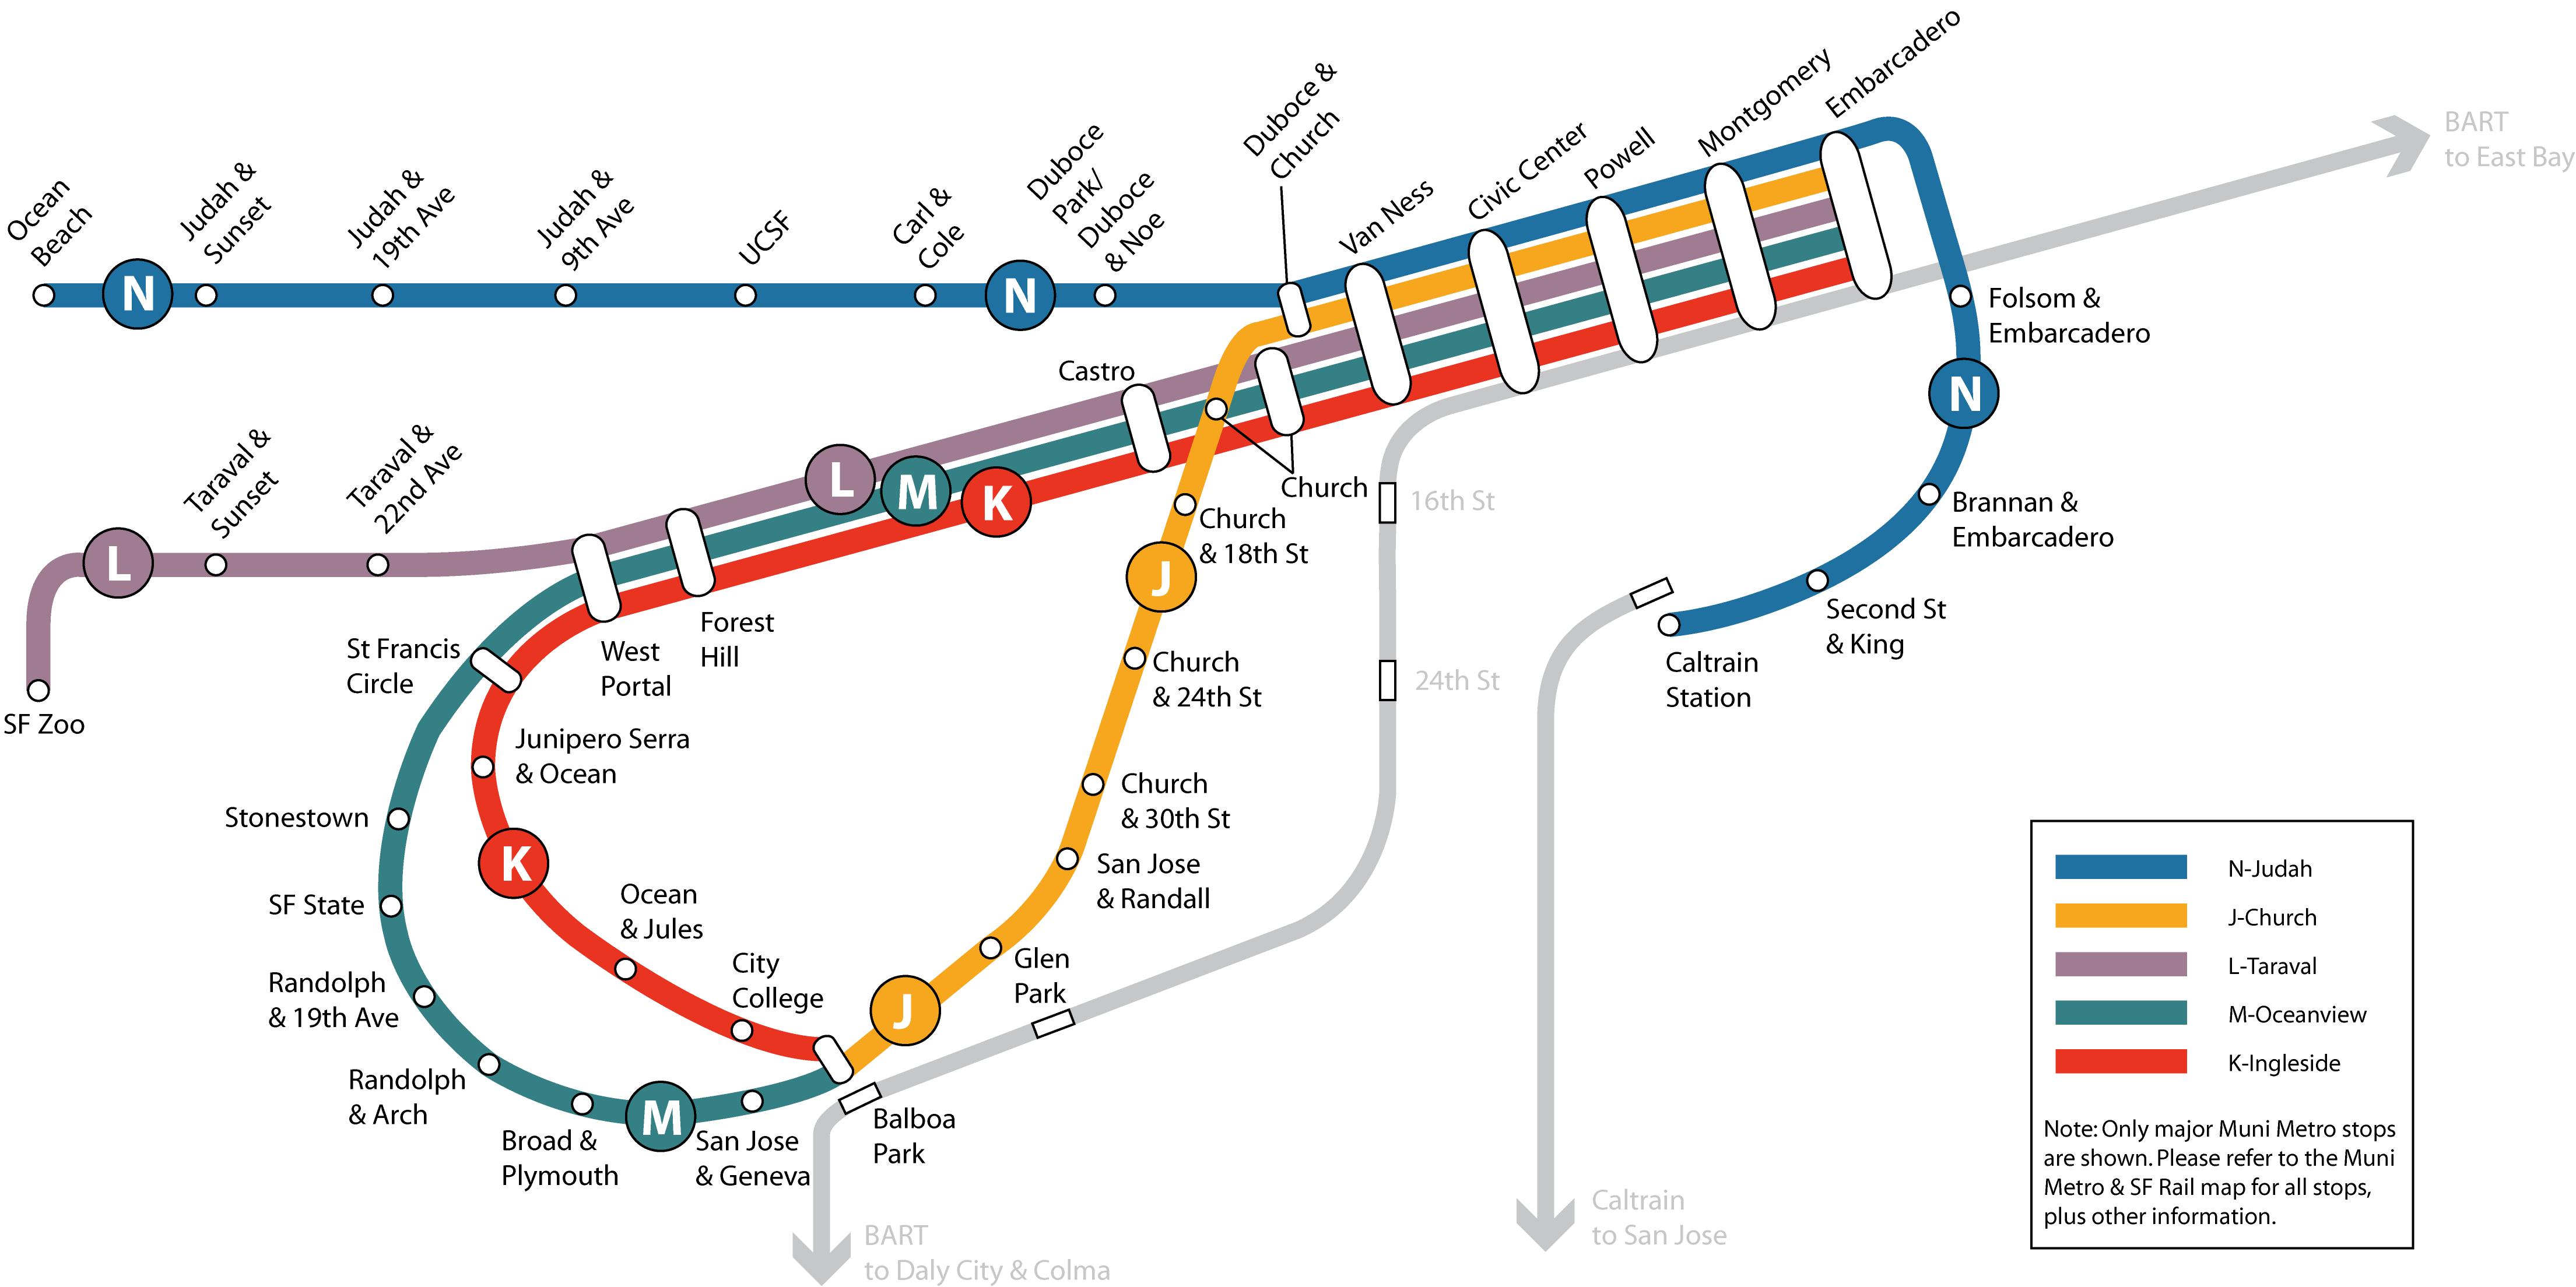 Muni Subway Map.San Francisco Municipal Railway Simple English Wikipedia The Free